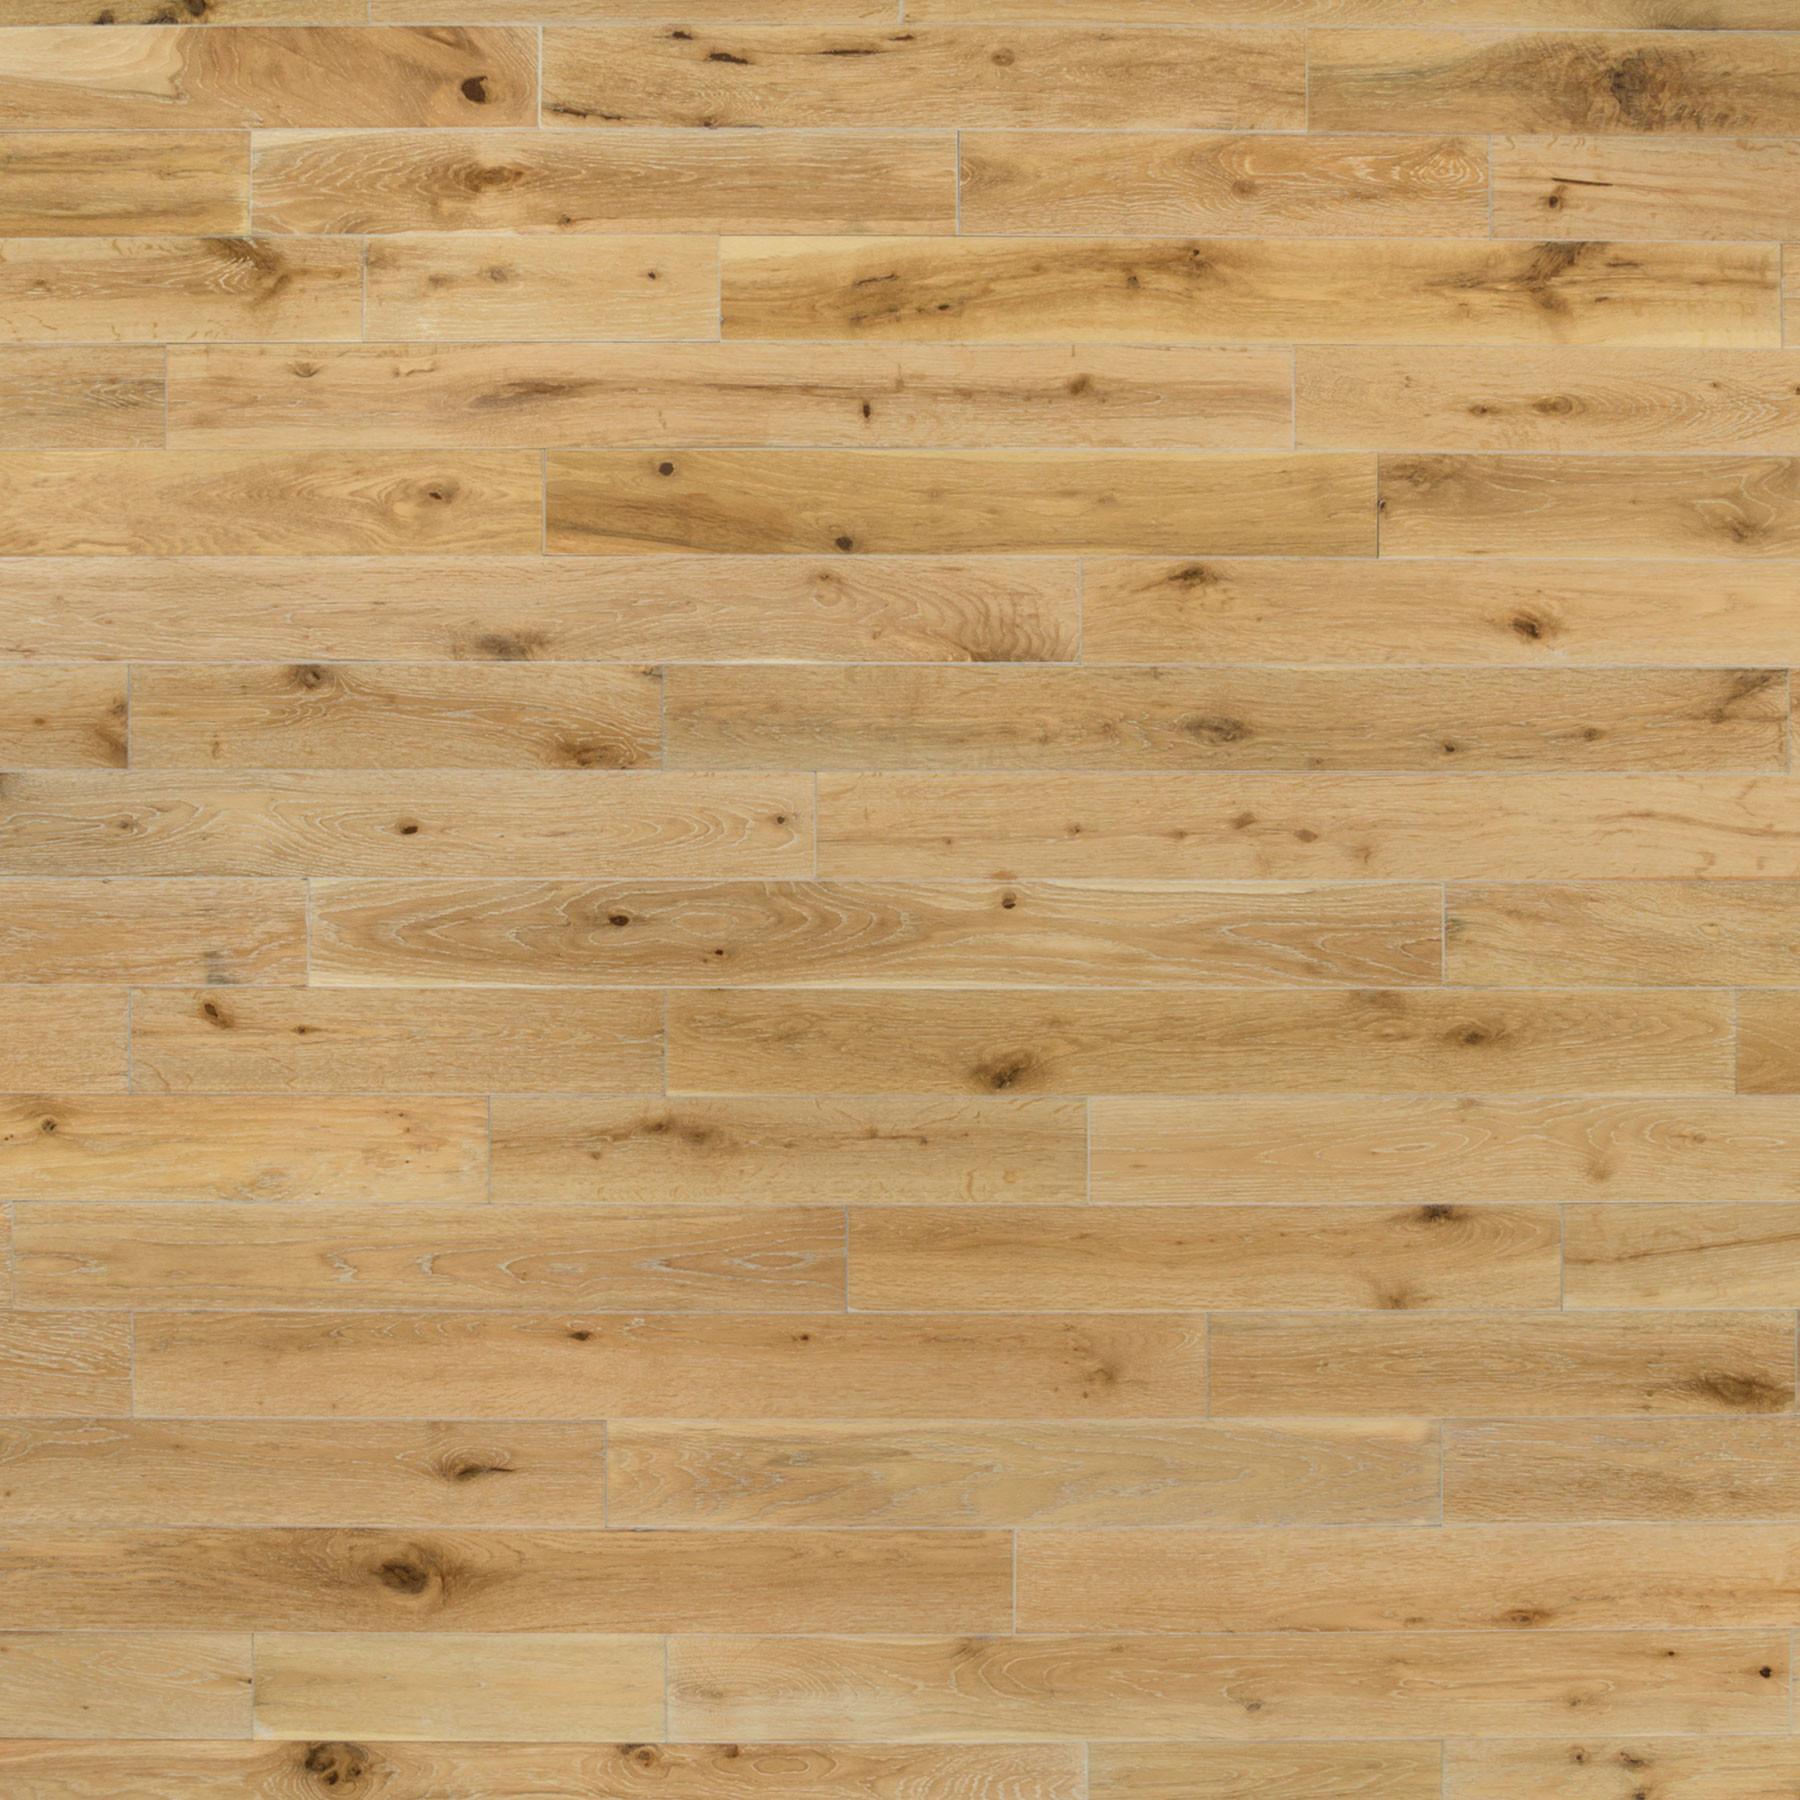 pictures of white oak hardwood floors of harbor oak 3 1 2″ white oak white washed etx surfaces inside harbor oak 3 1 2″ white oak white washed